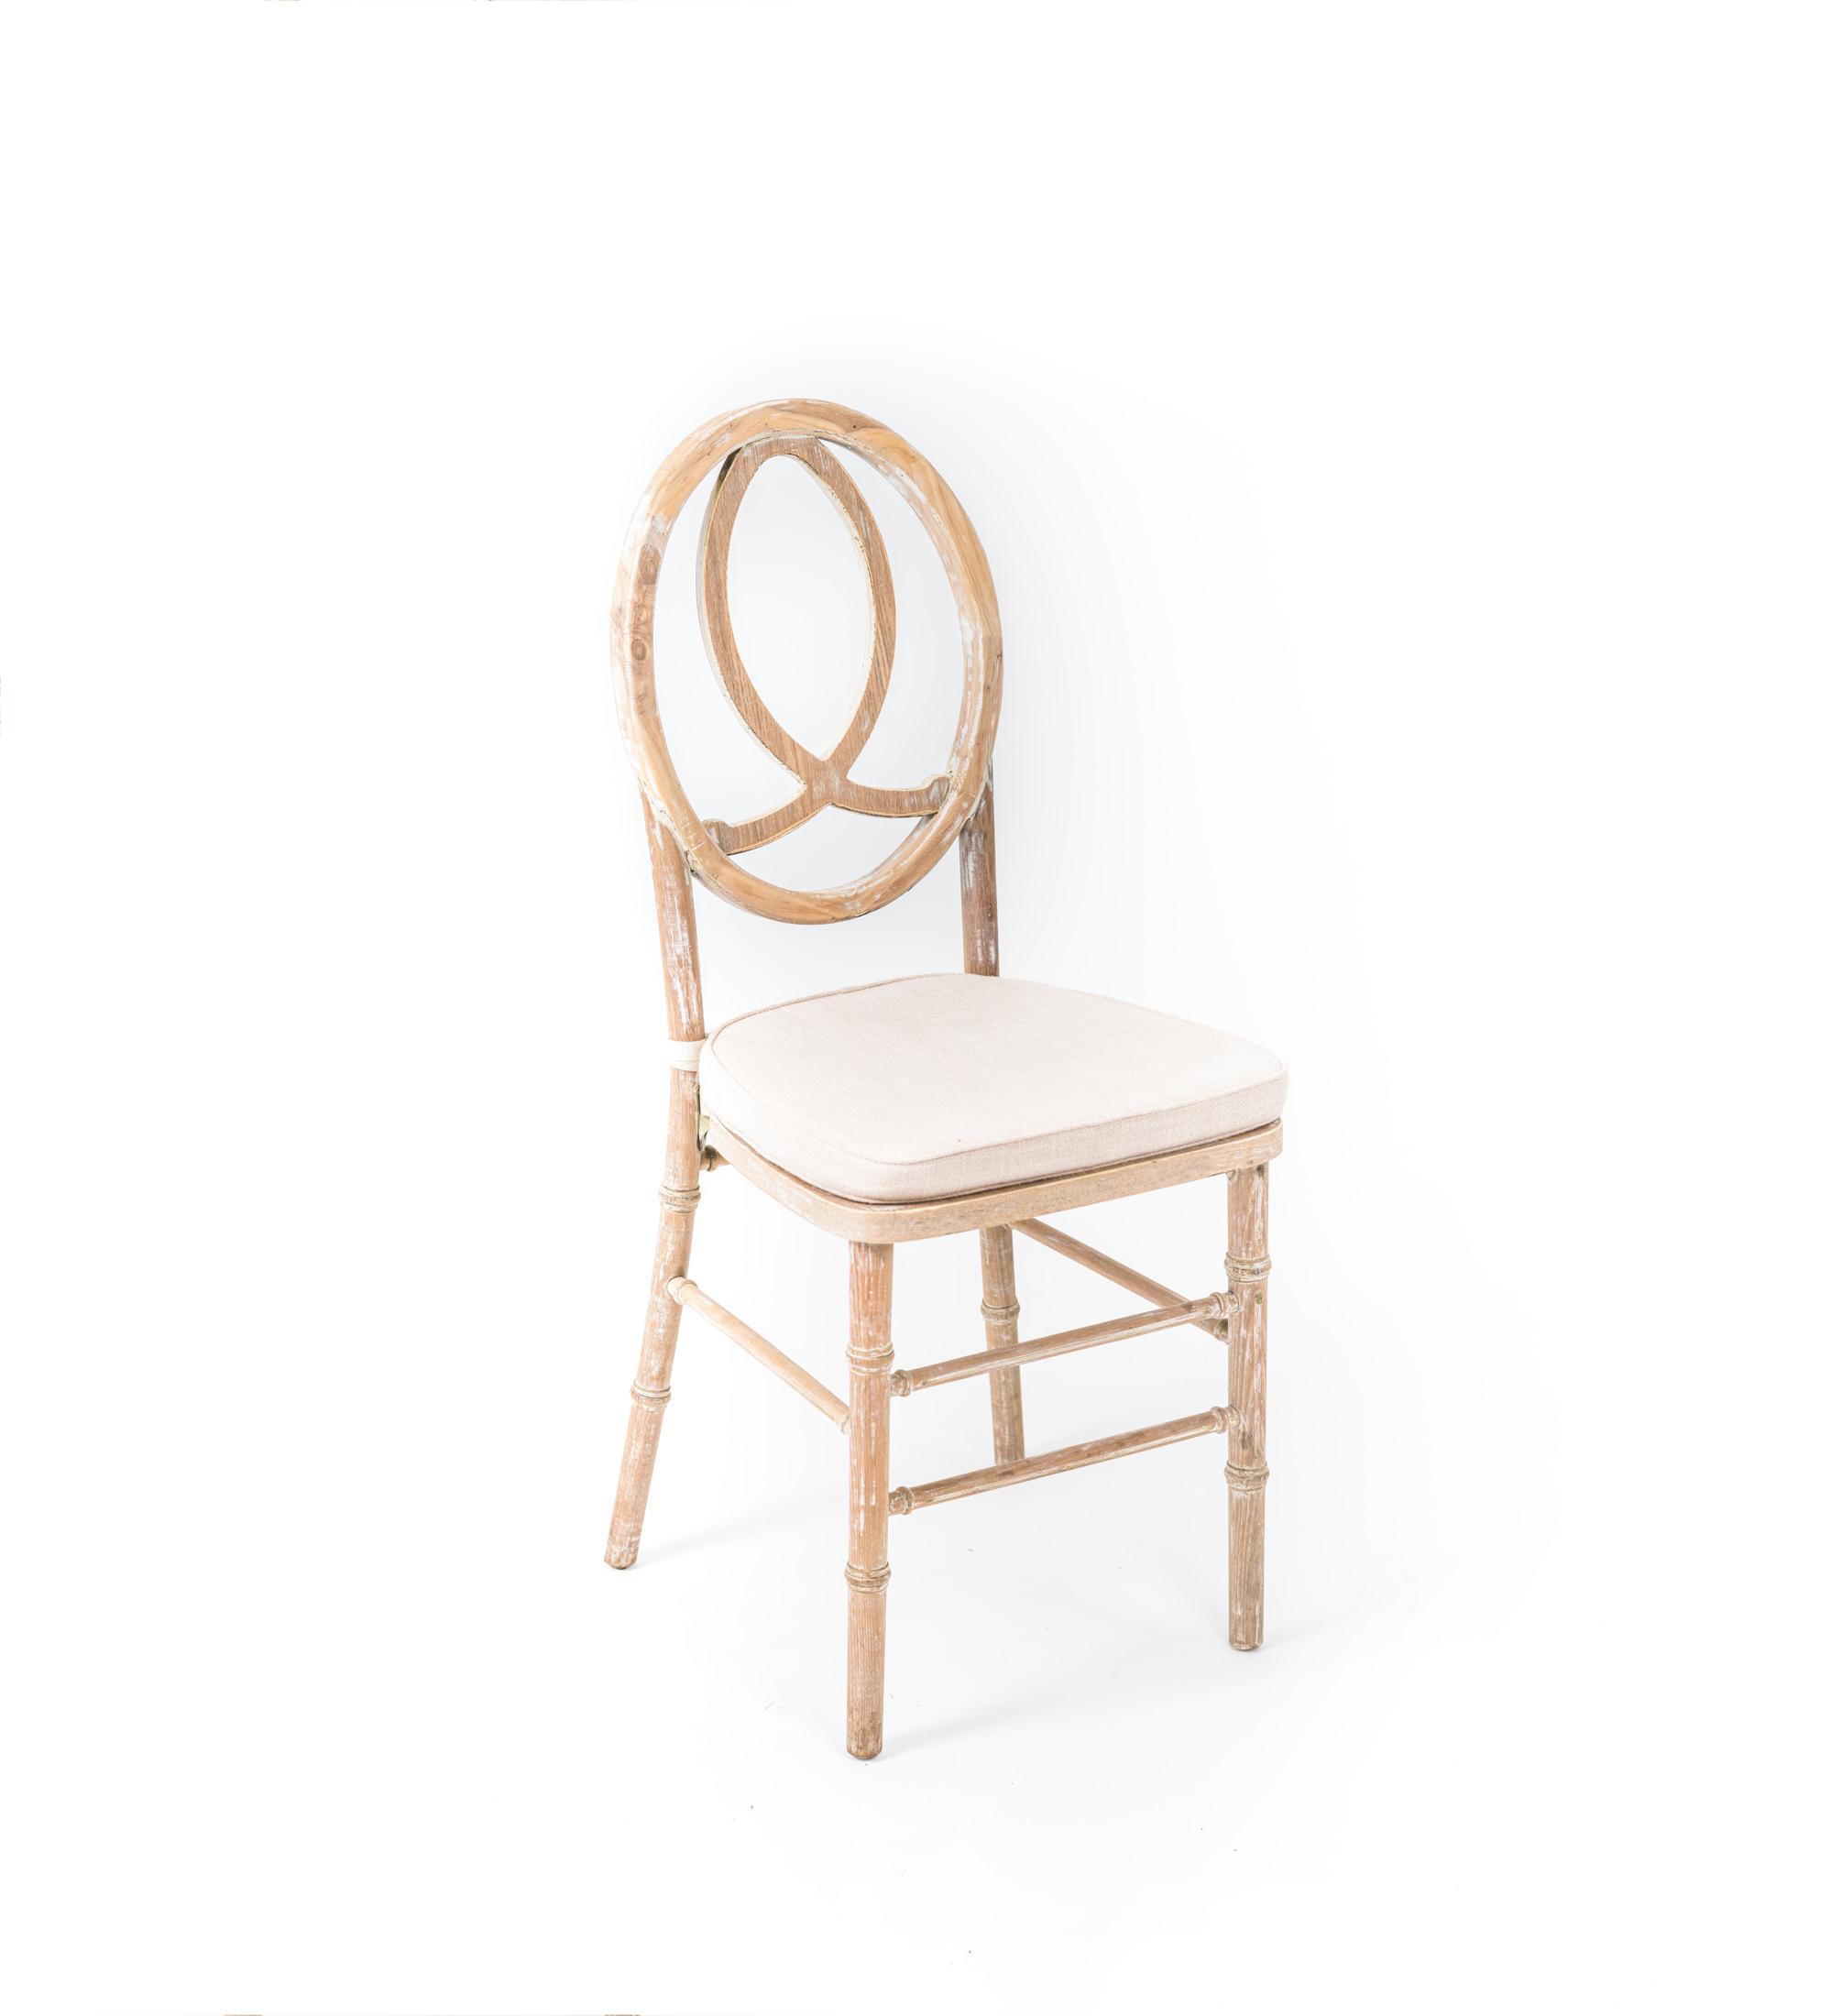 phoenix_chair-1.jpg